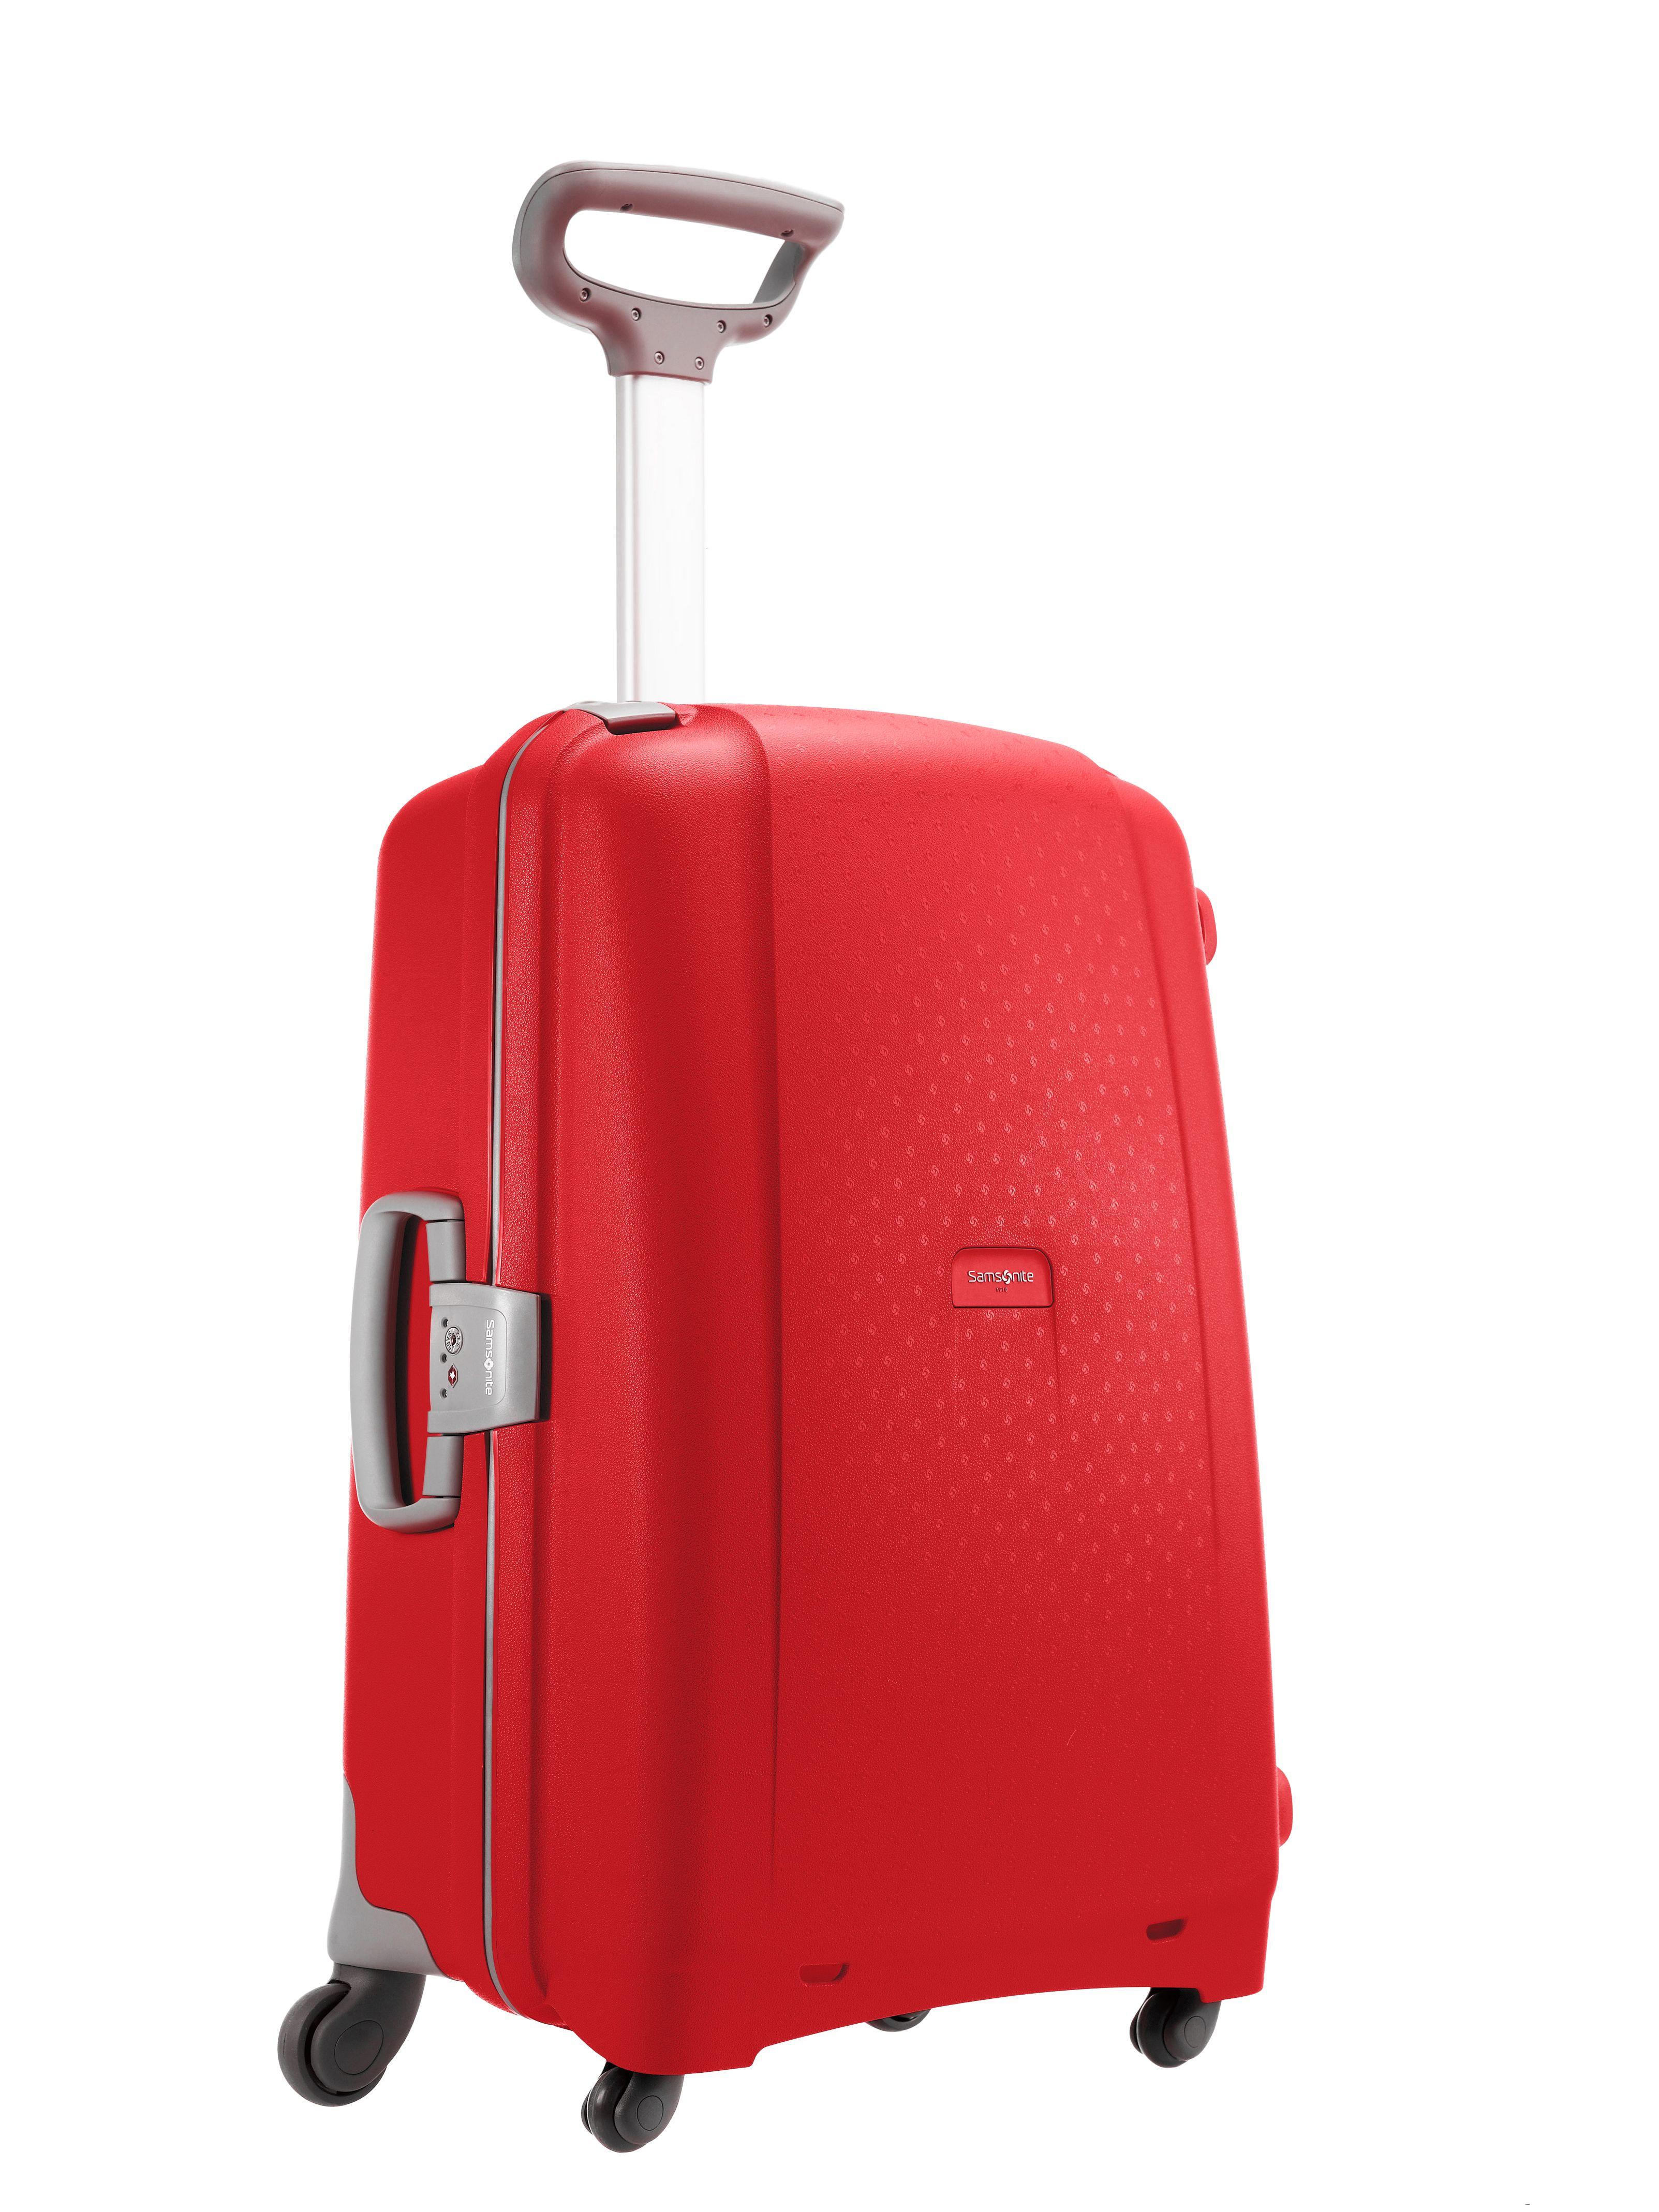 Aeris Red 68cm #Samsonite #Aeris #Travel #Suitcase #Luggage ...